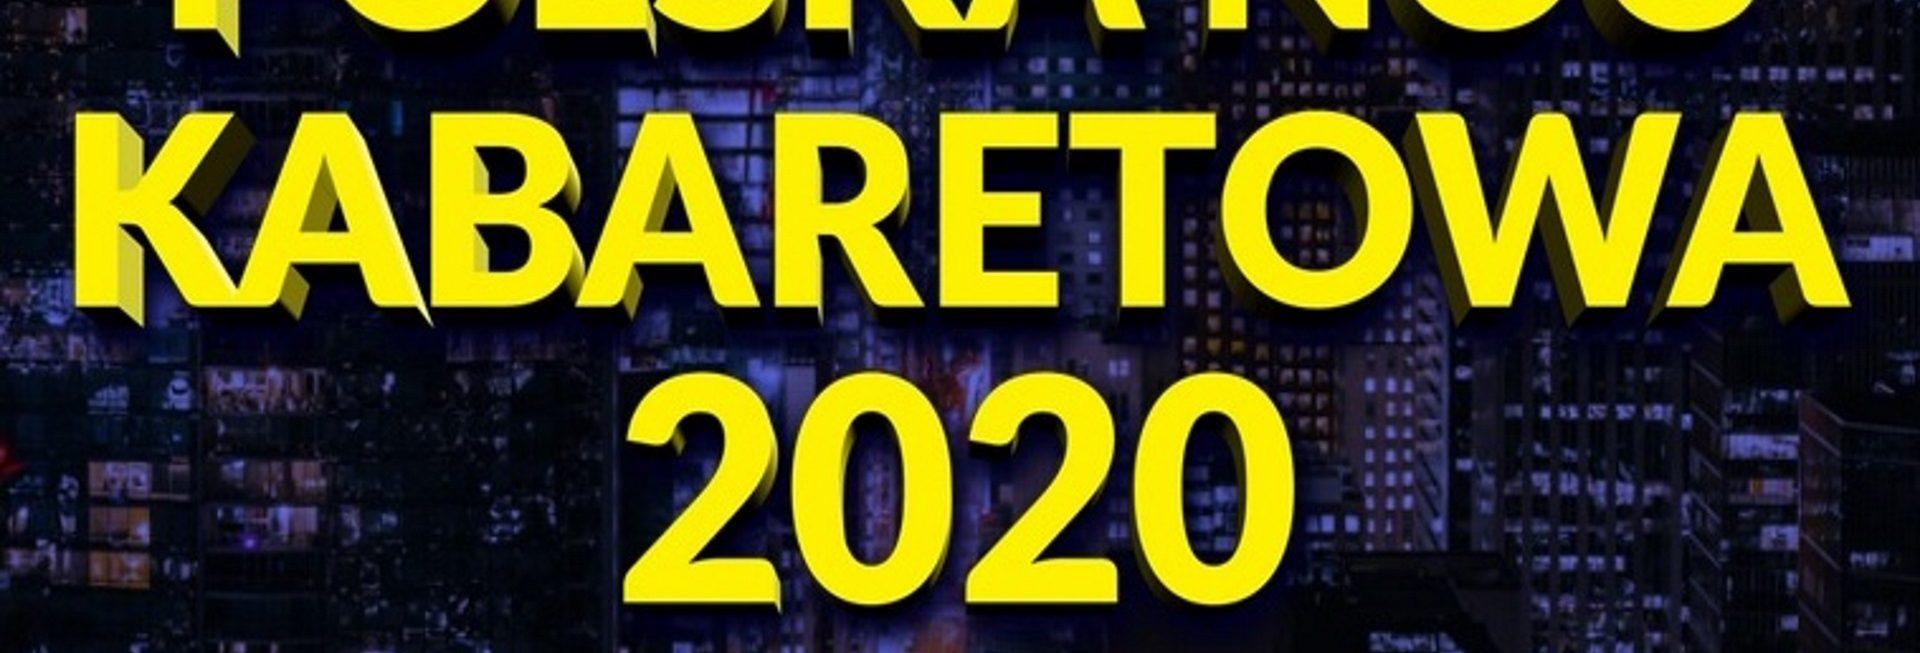 """Plakat graficzny zapraszający do Olsztyna na Polską Noc Kabaretową """"Śmiech w Wielkim Mieście"""" - Olsztyn 2020. Na plakacie napisy na tle zdjęcia miasta nocą."""